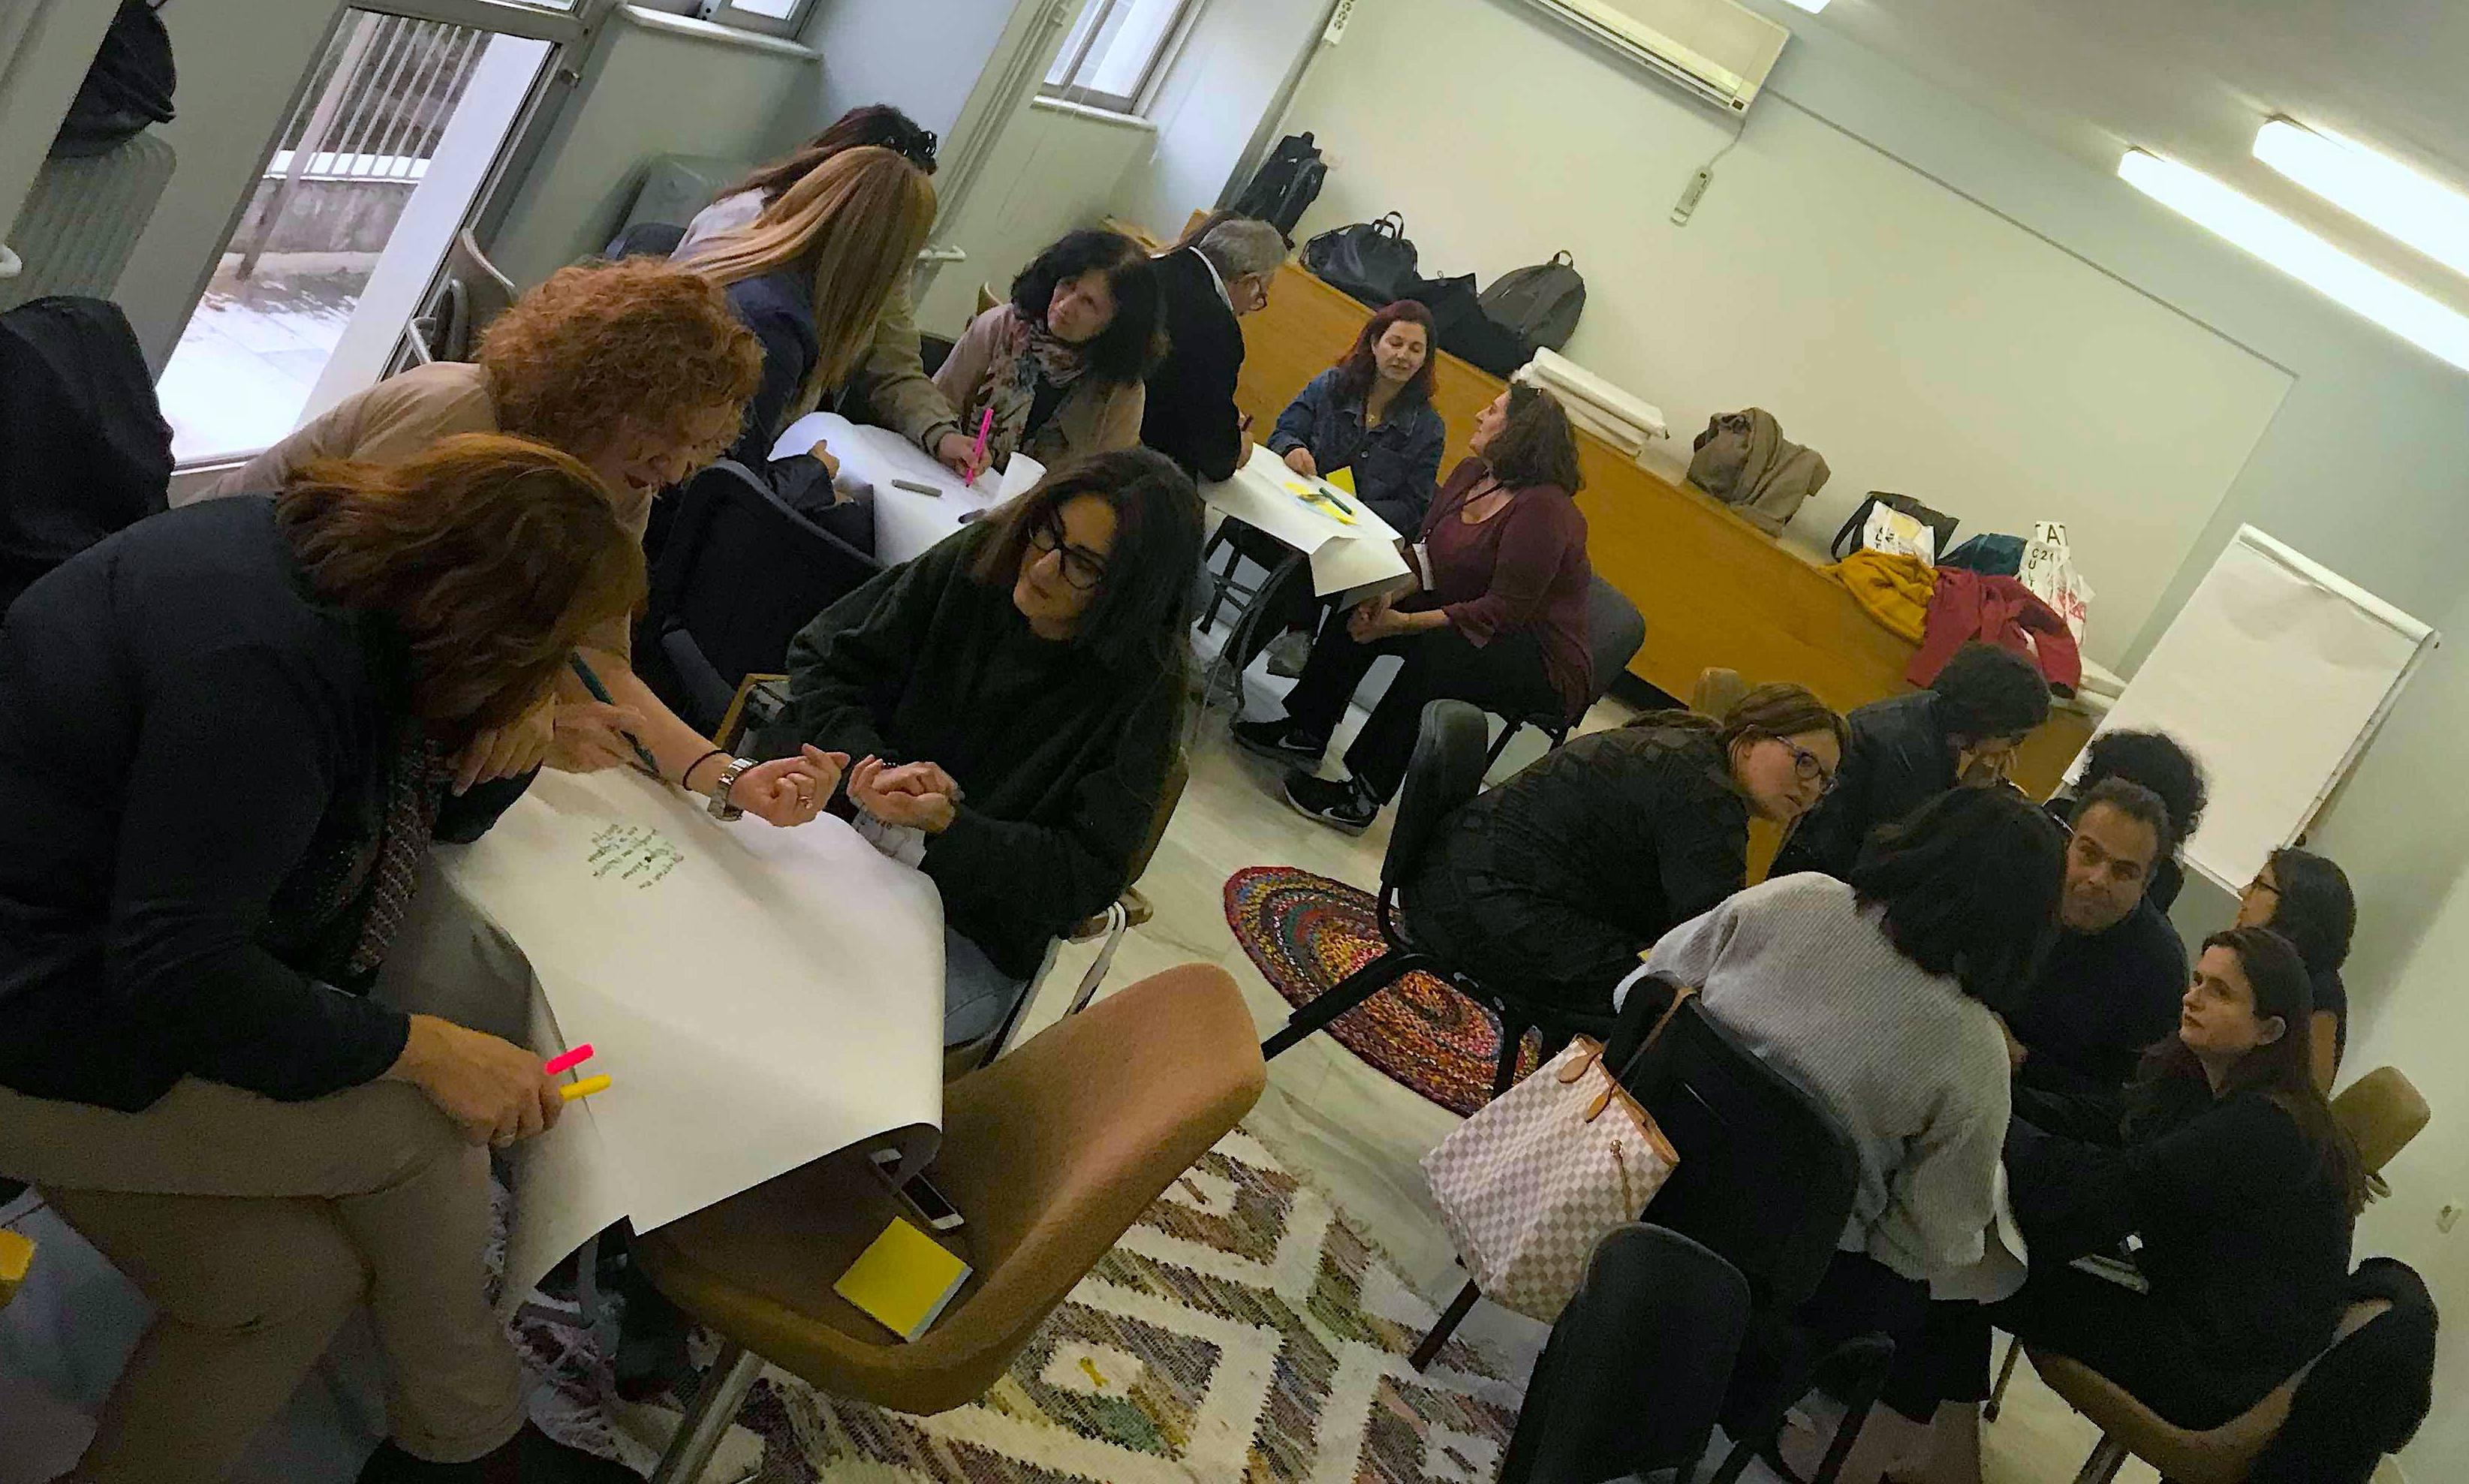 Πολιτισμός 2030: Διαβούλευση για δημοτικούς πολιτιστικούς φορείς